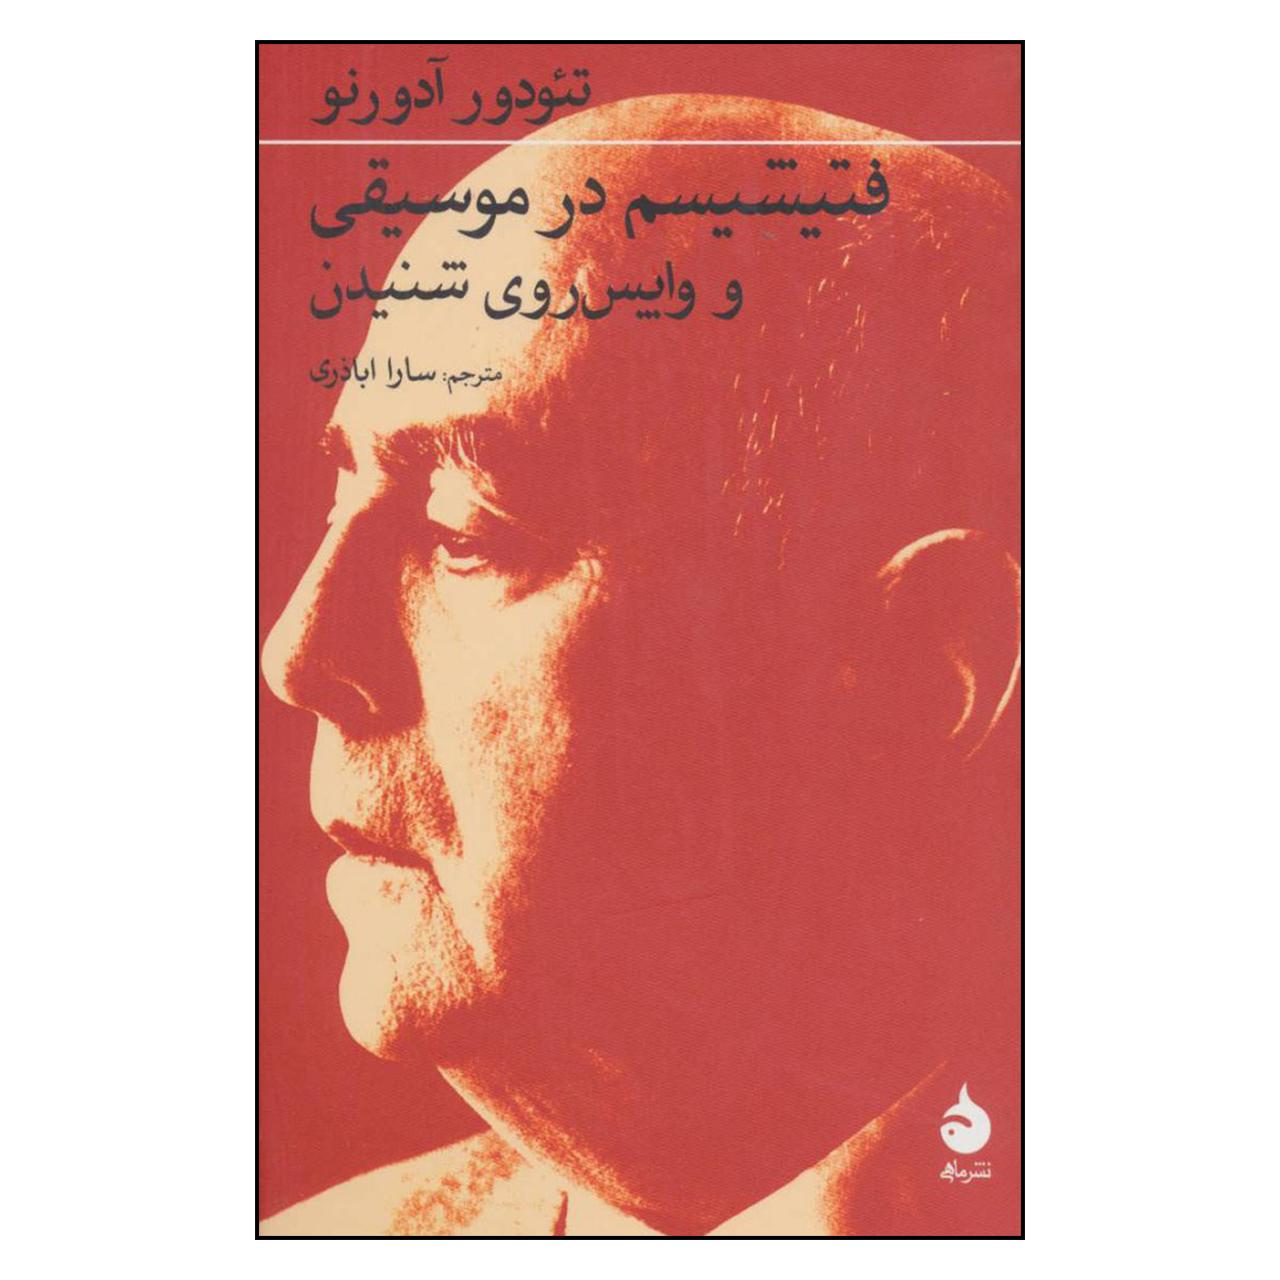 خرید                      کتاب فتیشیسم در موسیقی و واپس روی شنیدن اثر تئودور آدورنو نشر ماهی